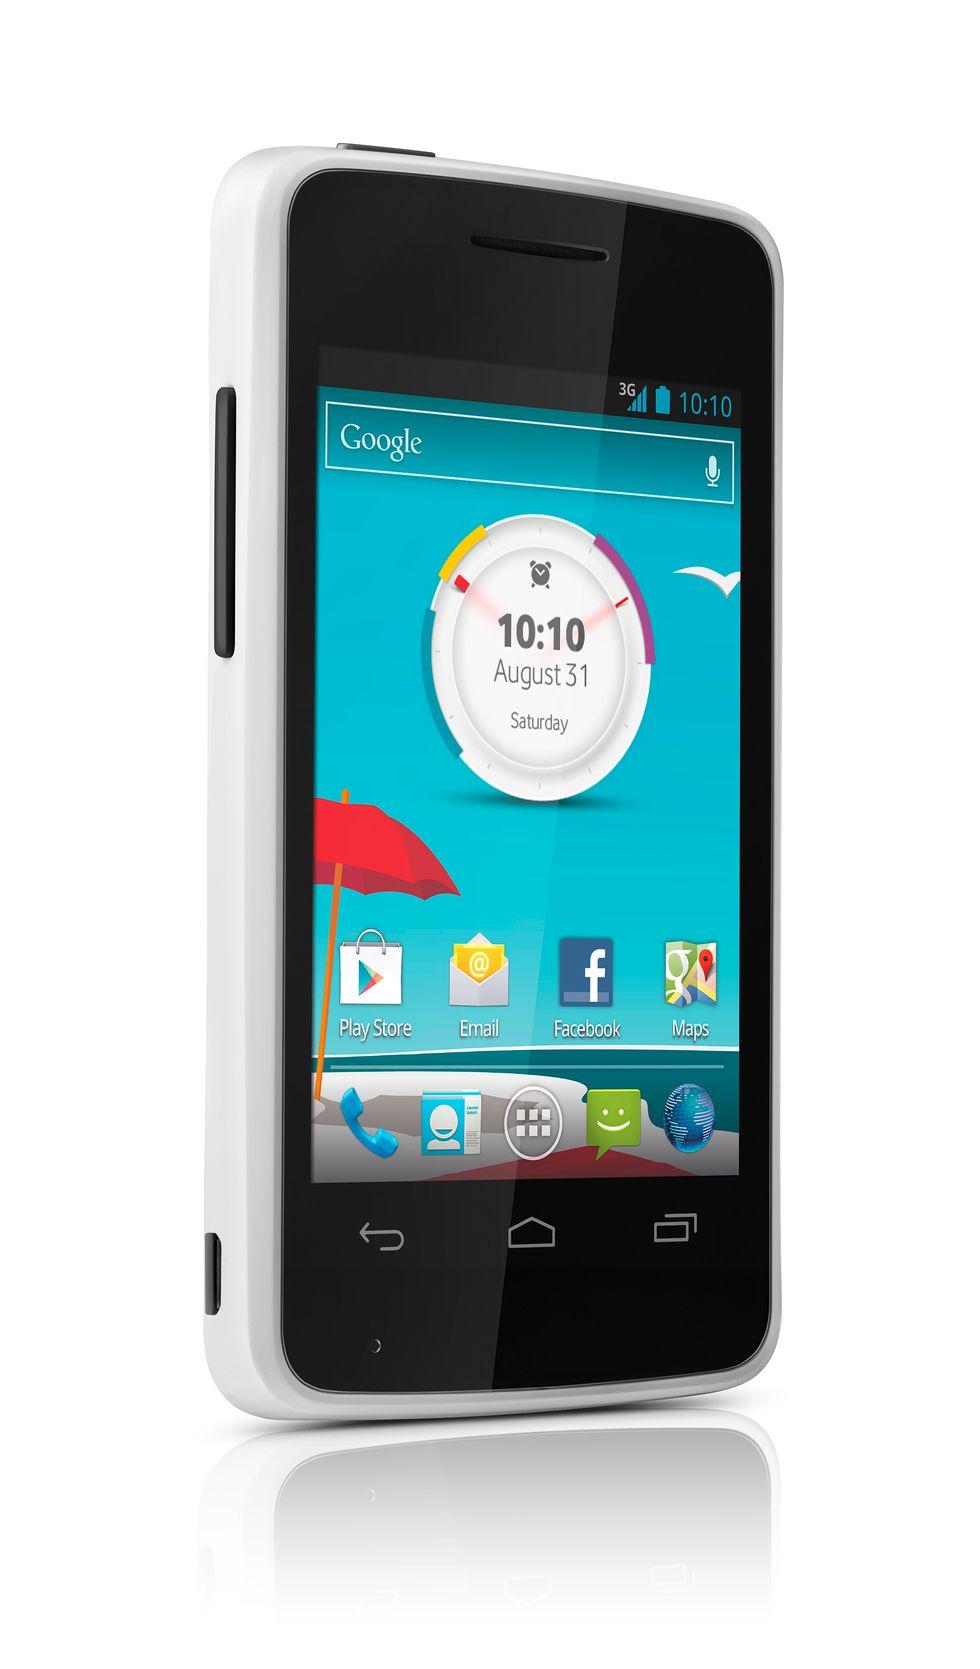 Vodafone Smart Mini: come fa uno smartphone a costare solo 59 euro?